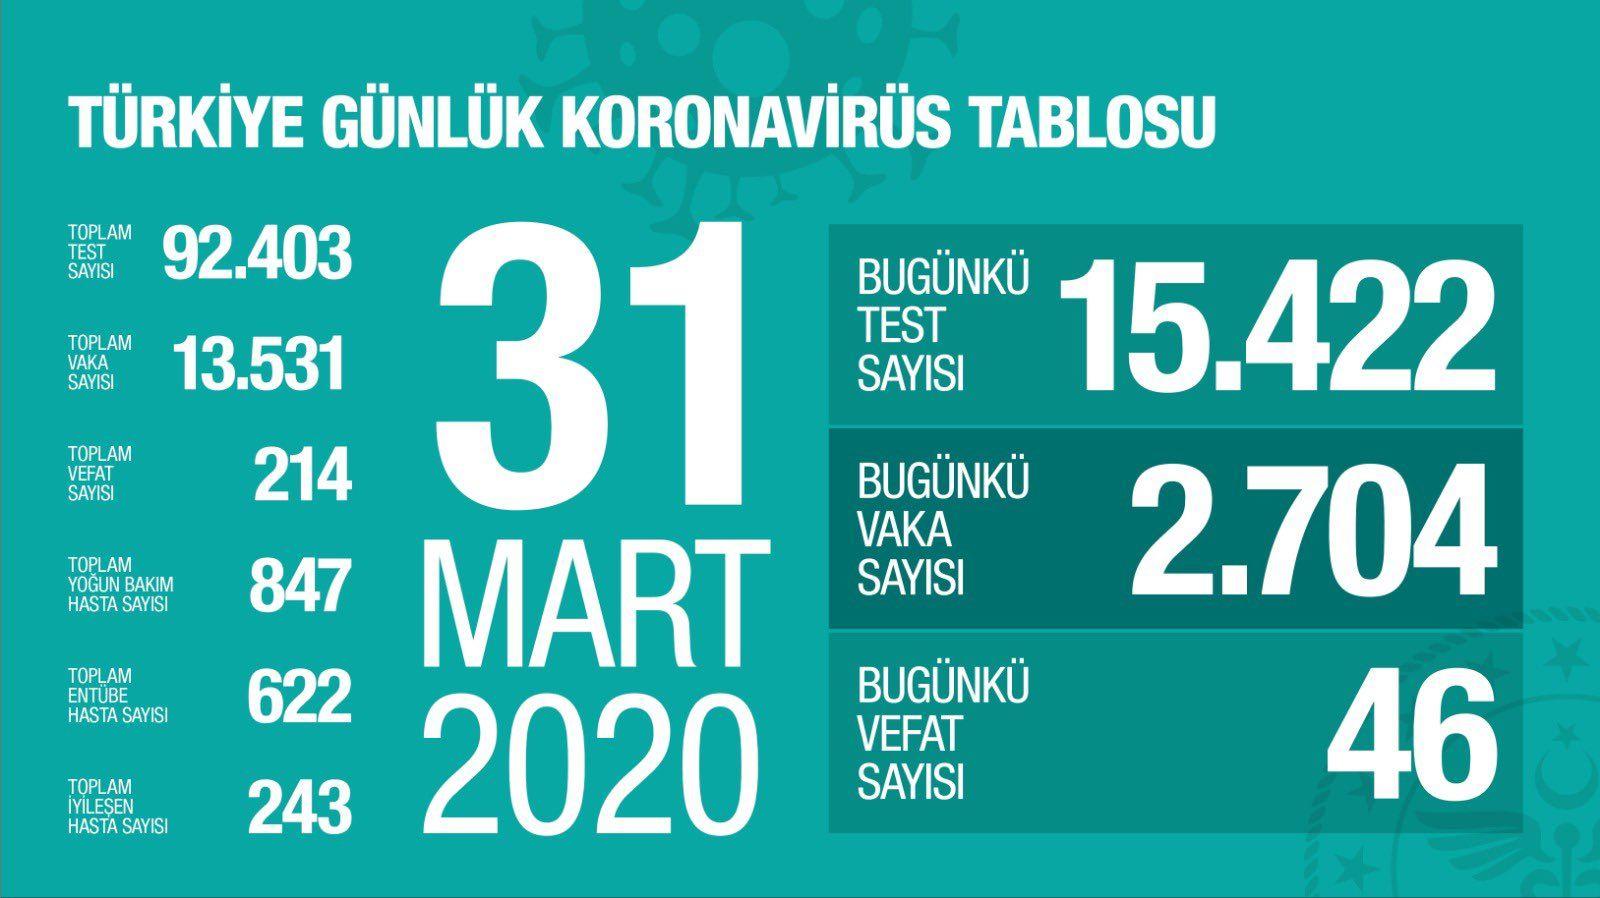 turkiyede koronavirus vaka sayisi